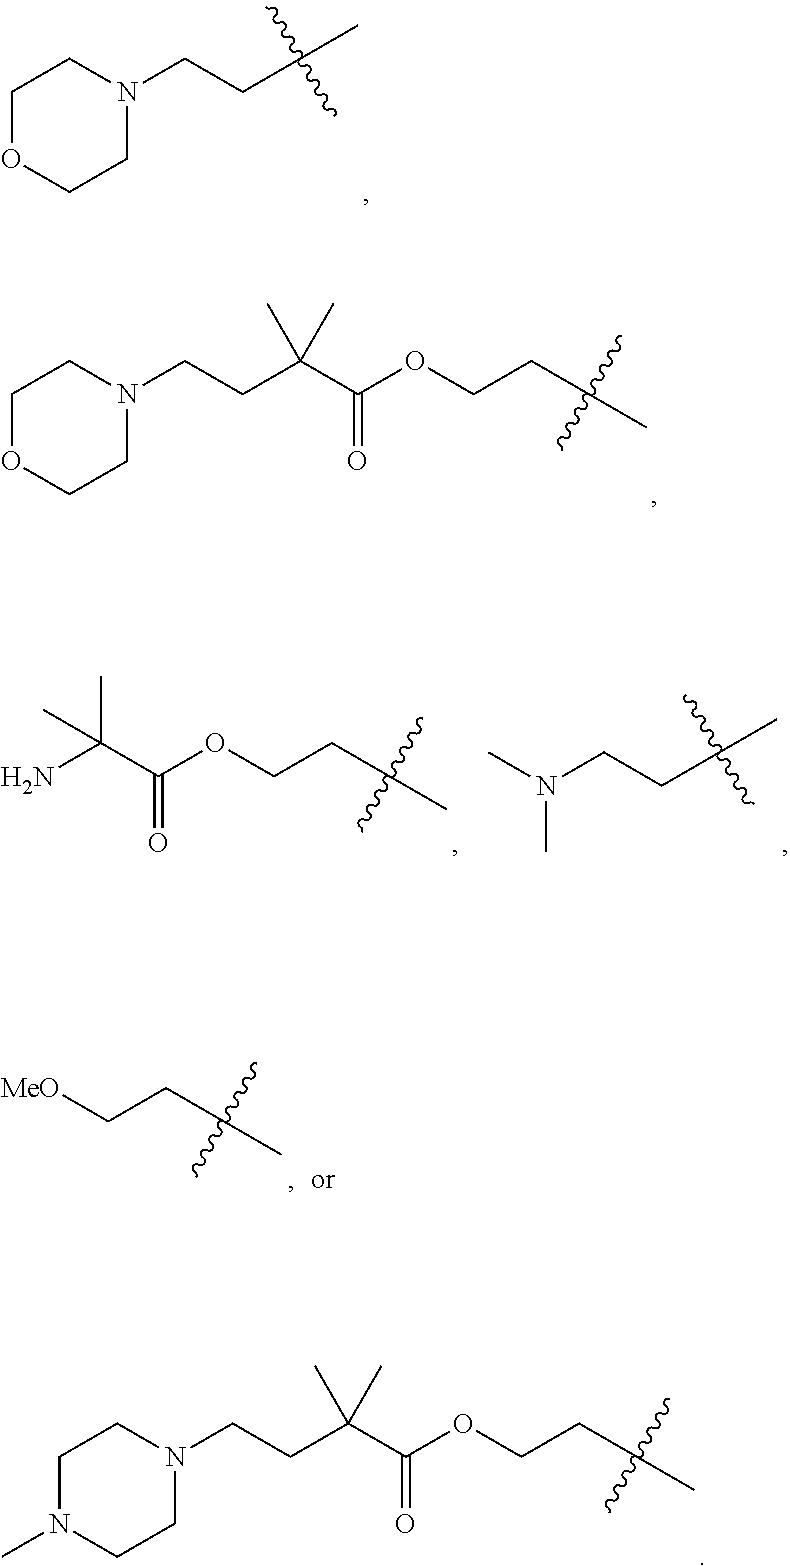 Figure US09982257-20180529-C00094